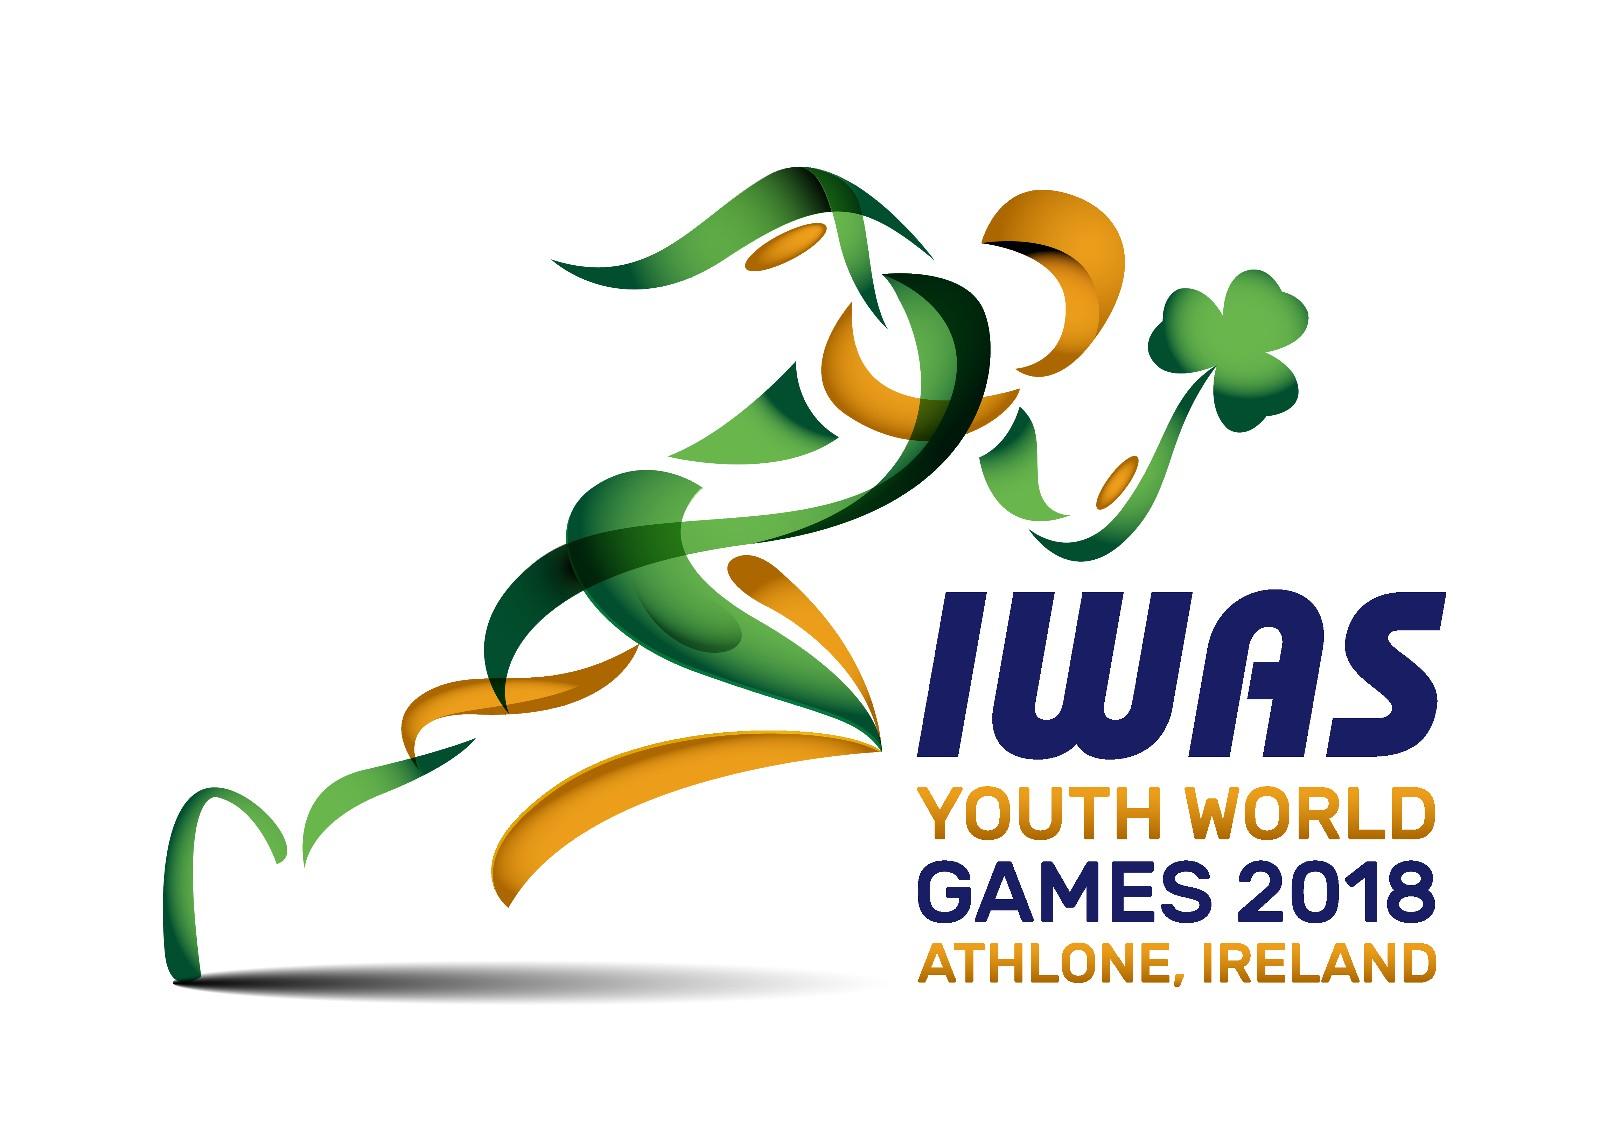 Н.А. Сладкова в г. Атлон (Ирландия) приняла участие во Всемирных Молодежных играх IWAS-2018 в качестве международного классификатора по легкой атлетике спорта лиц с ПОДА